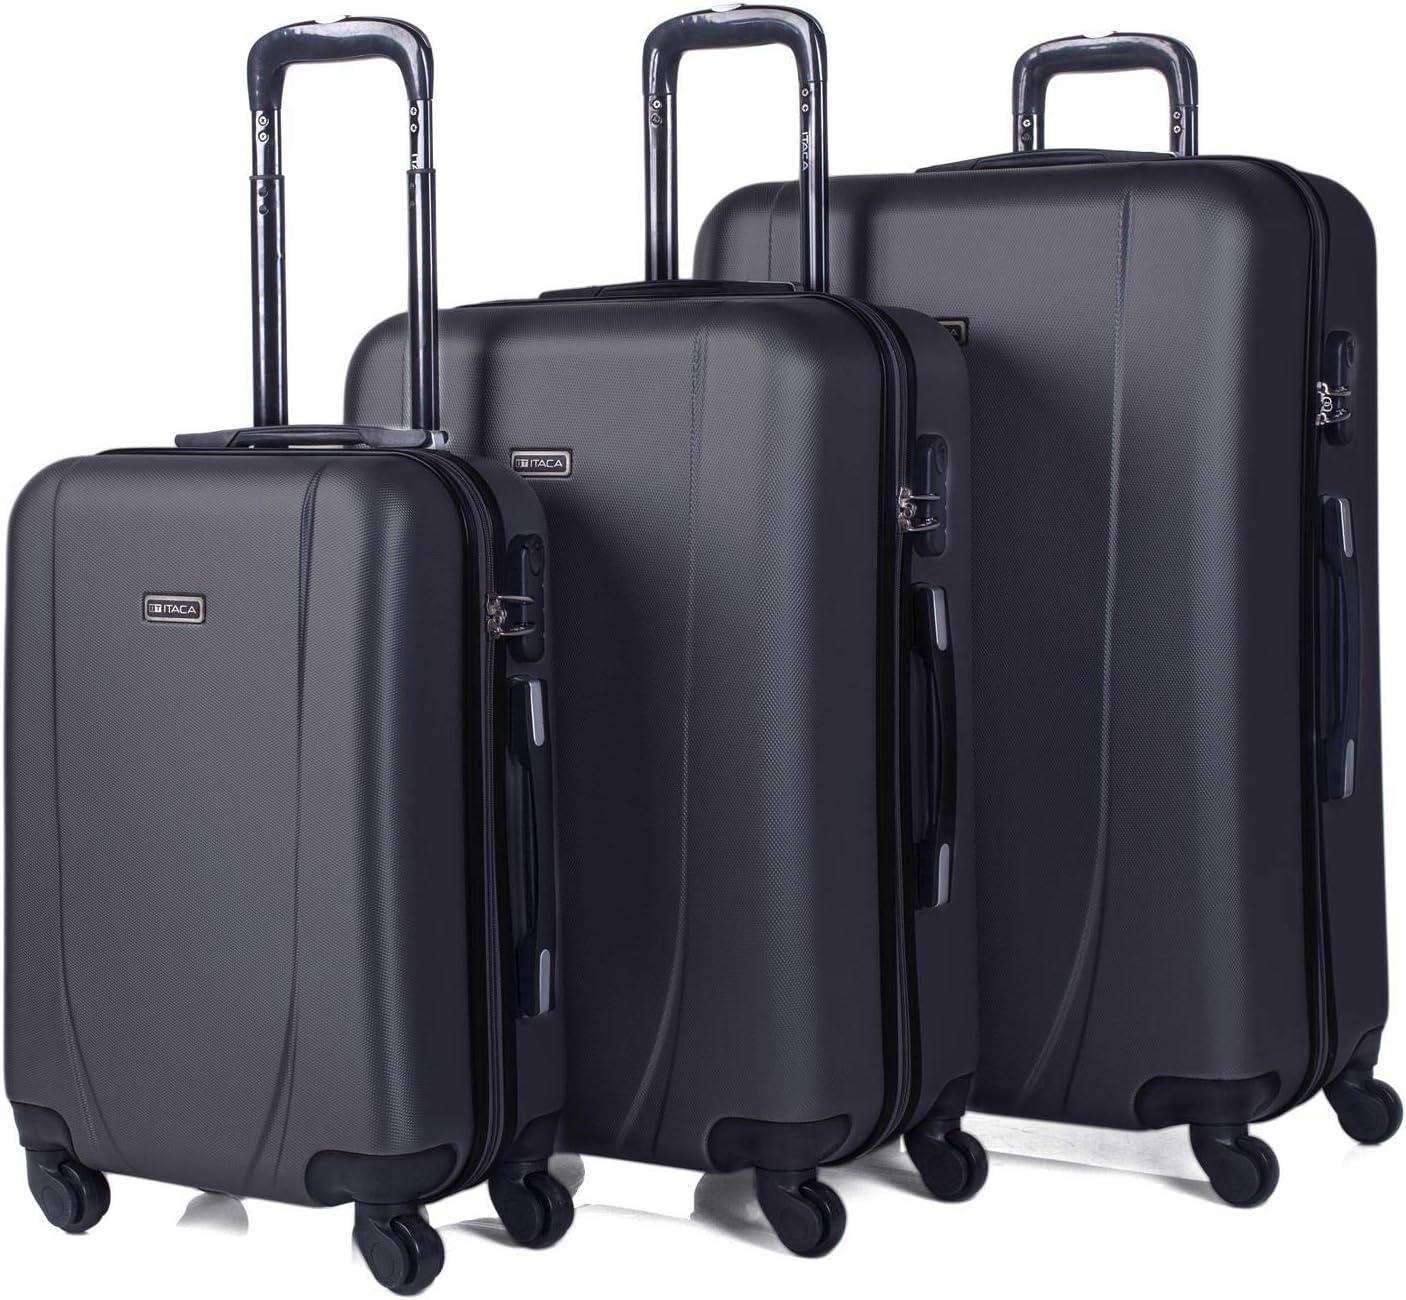 ITACA - Juego de Maletas de Viaje Rígidas 4 Ruedas Trolley 55/65/75 cm ABS. Buenas Cómodas y Ligeras. Candado. Grande Mediana y Pequeña Cabina Ryanair. 71100, Color Antracita